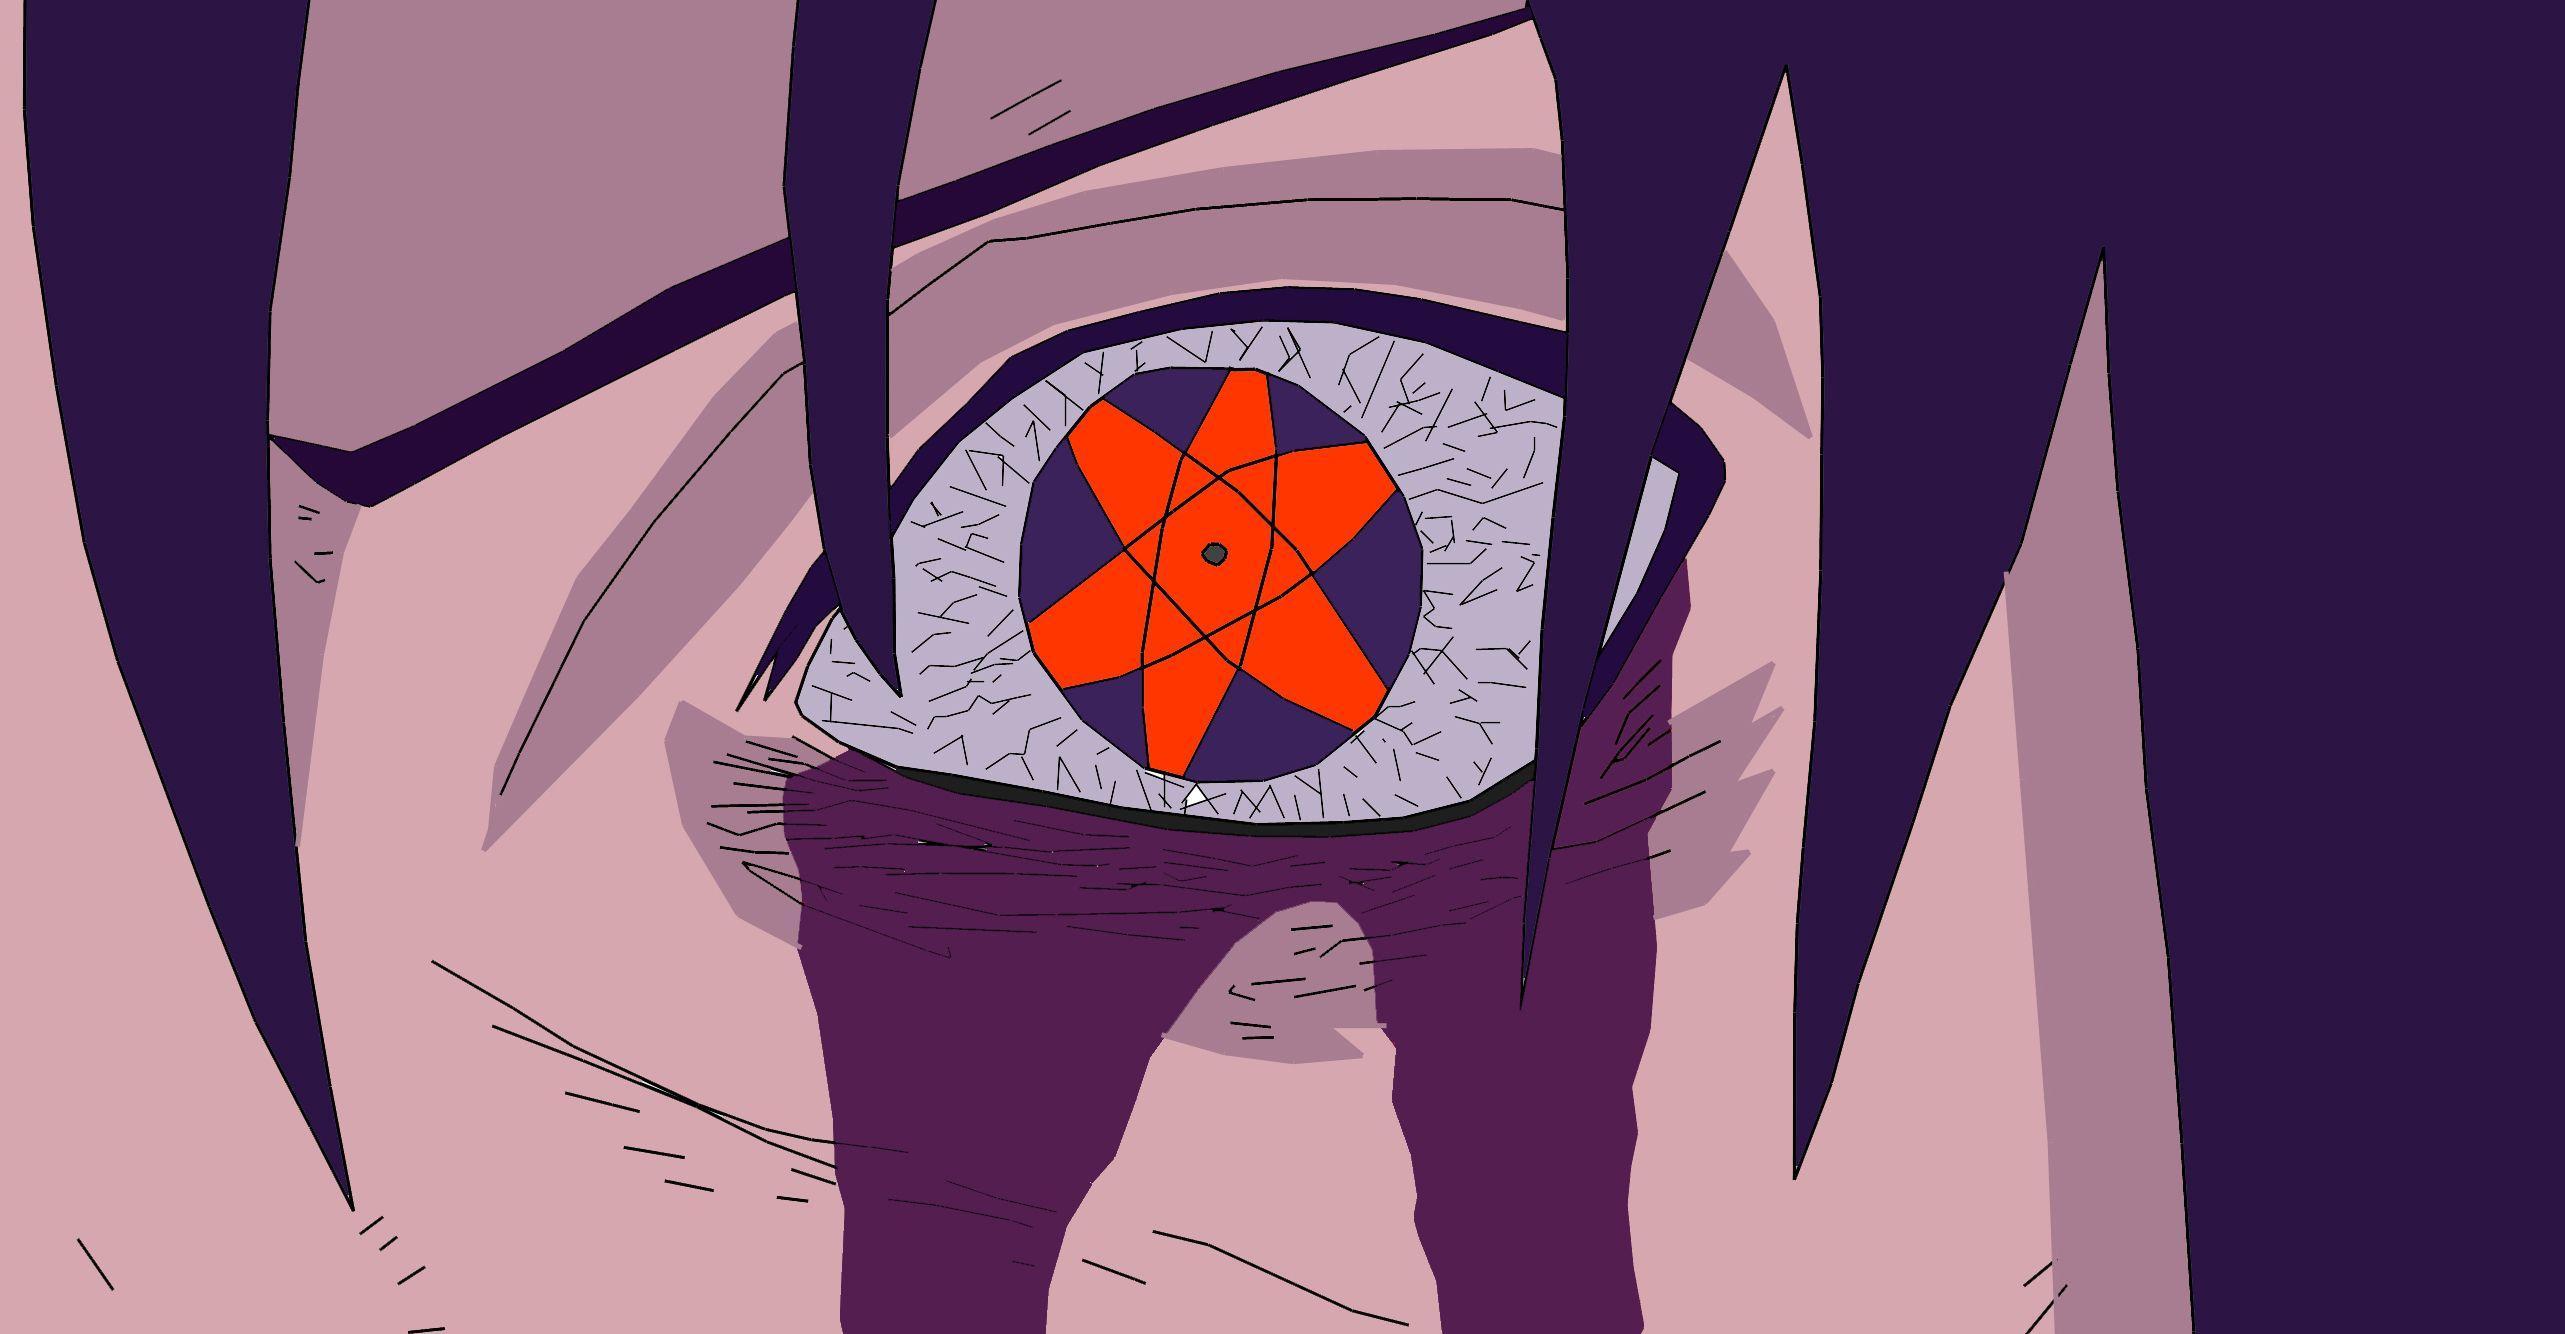 sasuke uchiha mangekyou sharingan